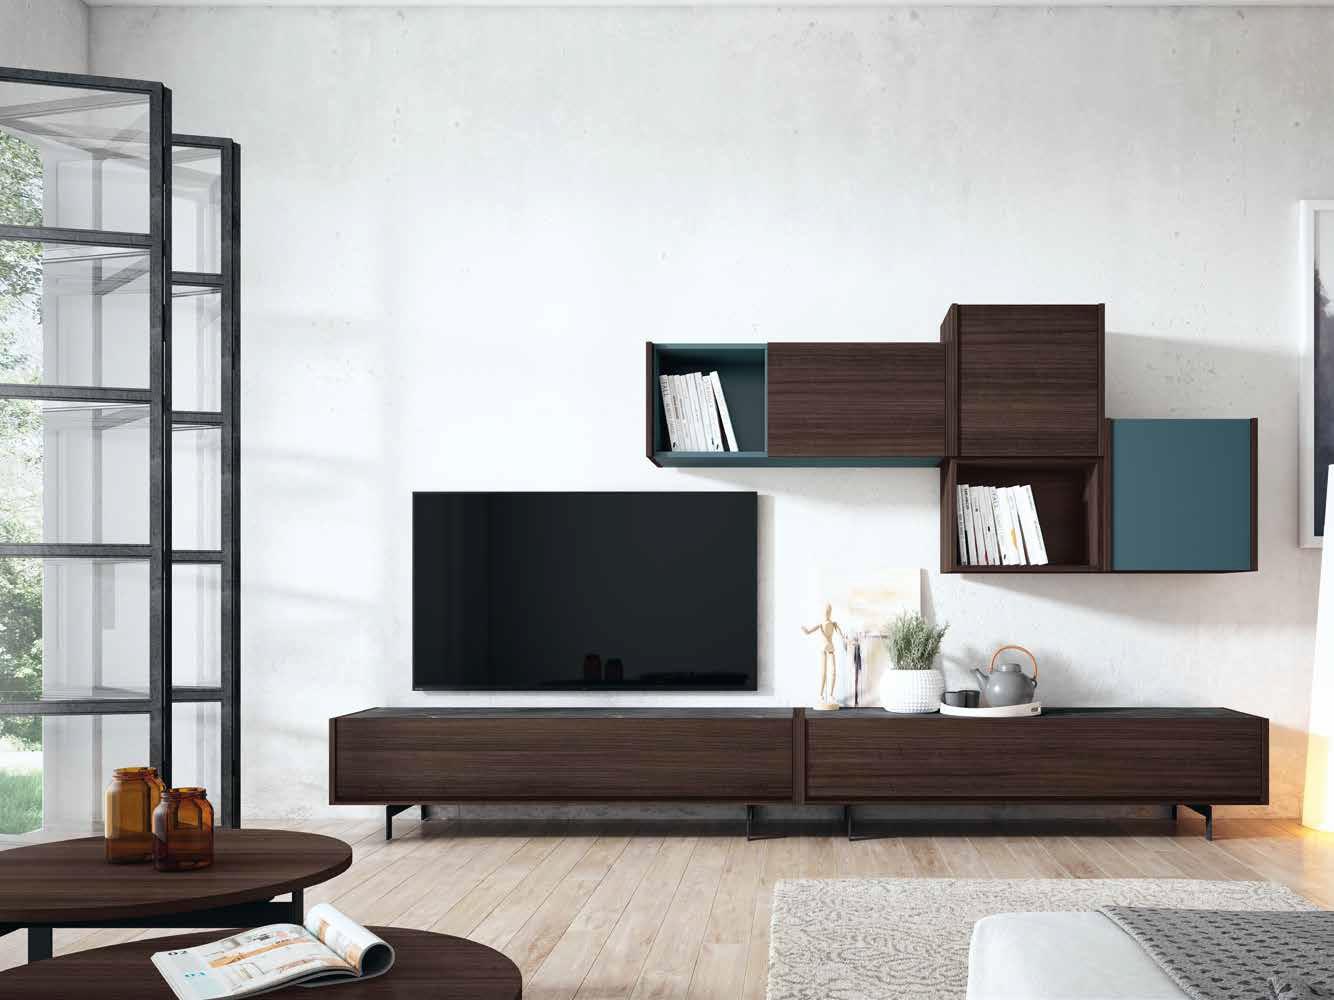 salon-moderno-Nativ-2019-muebles-paco-caballero-0920-5c8ceaa166870